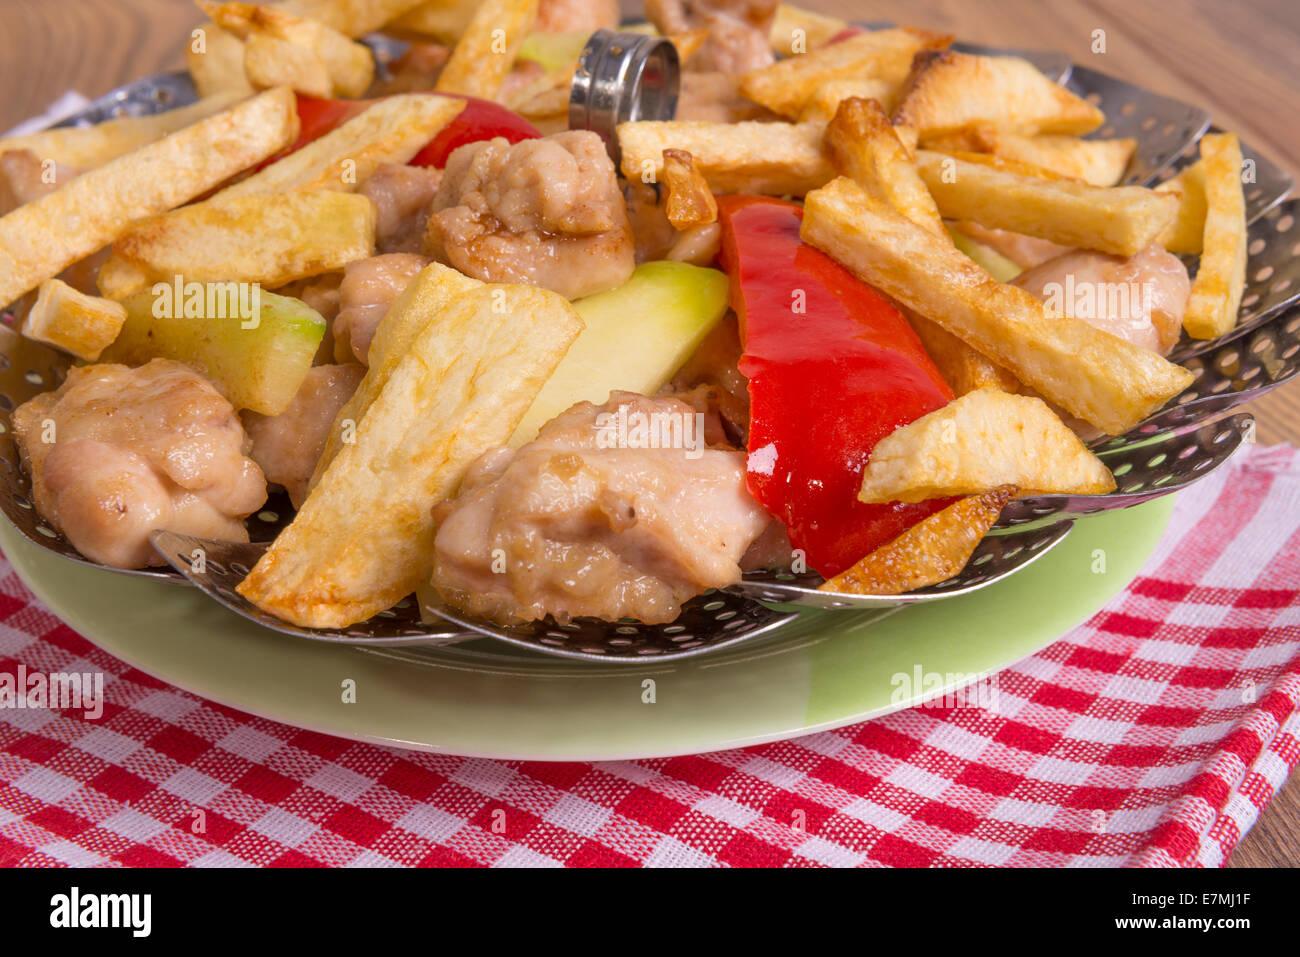 Le poulet sautés au beurre avec des pommes de terre, courgettes et poivrons Photo Stock